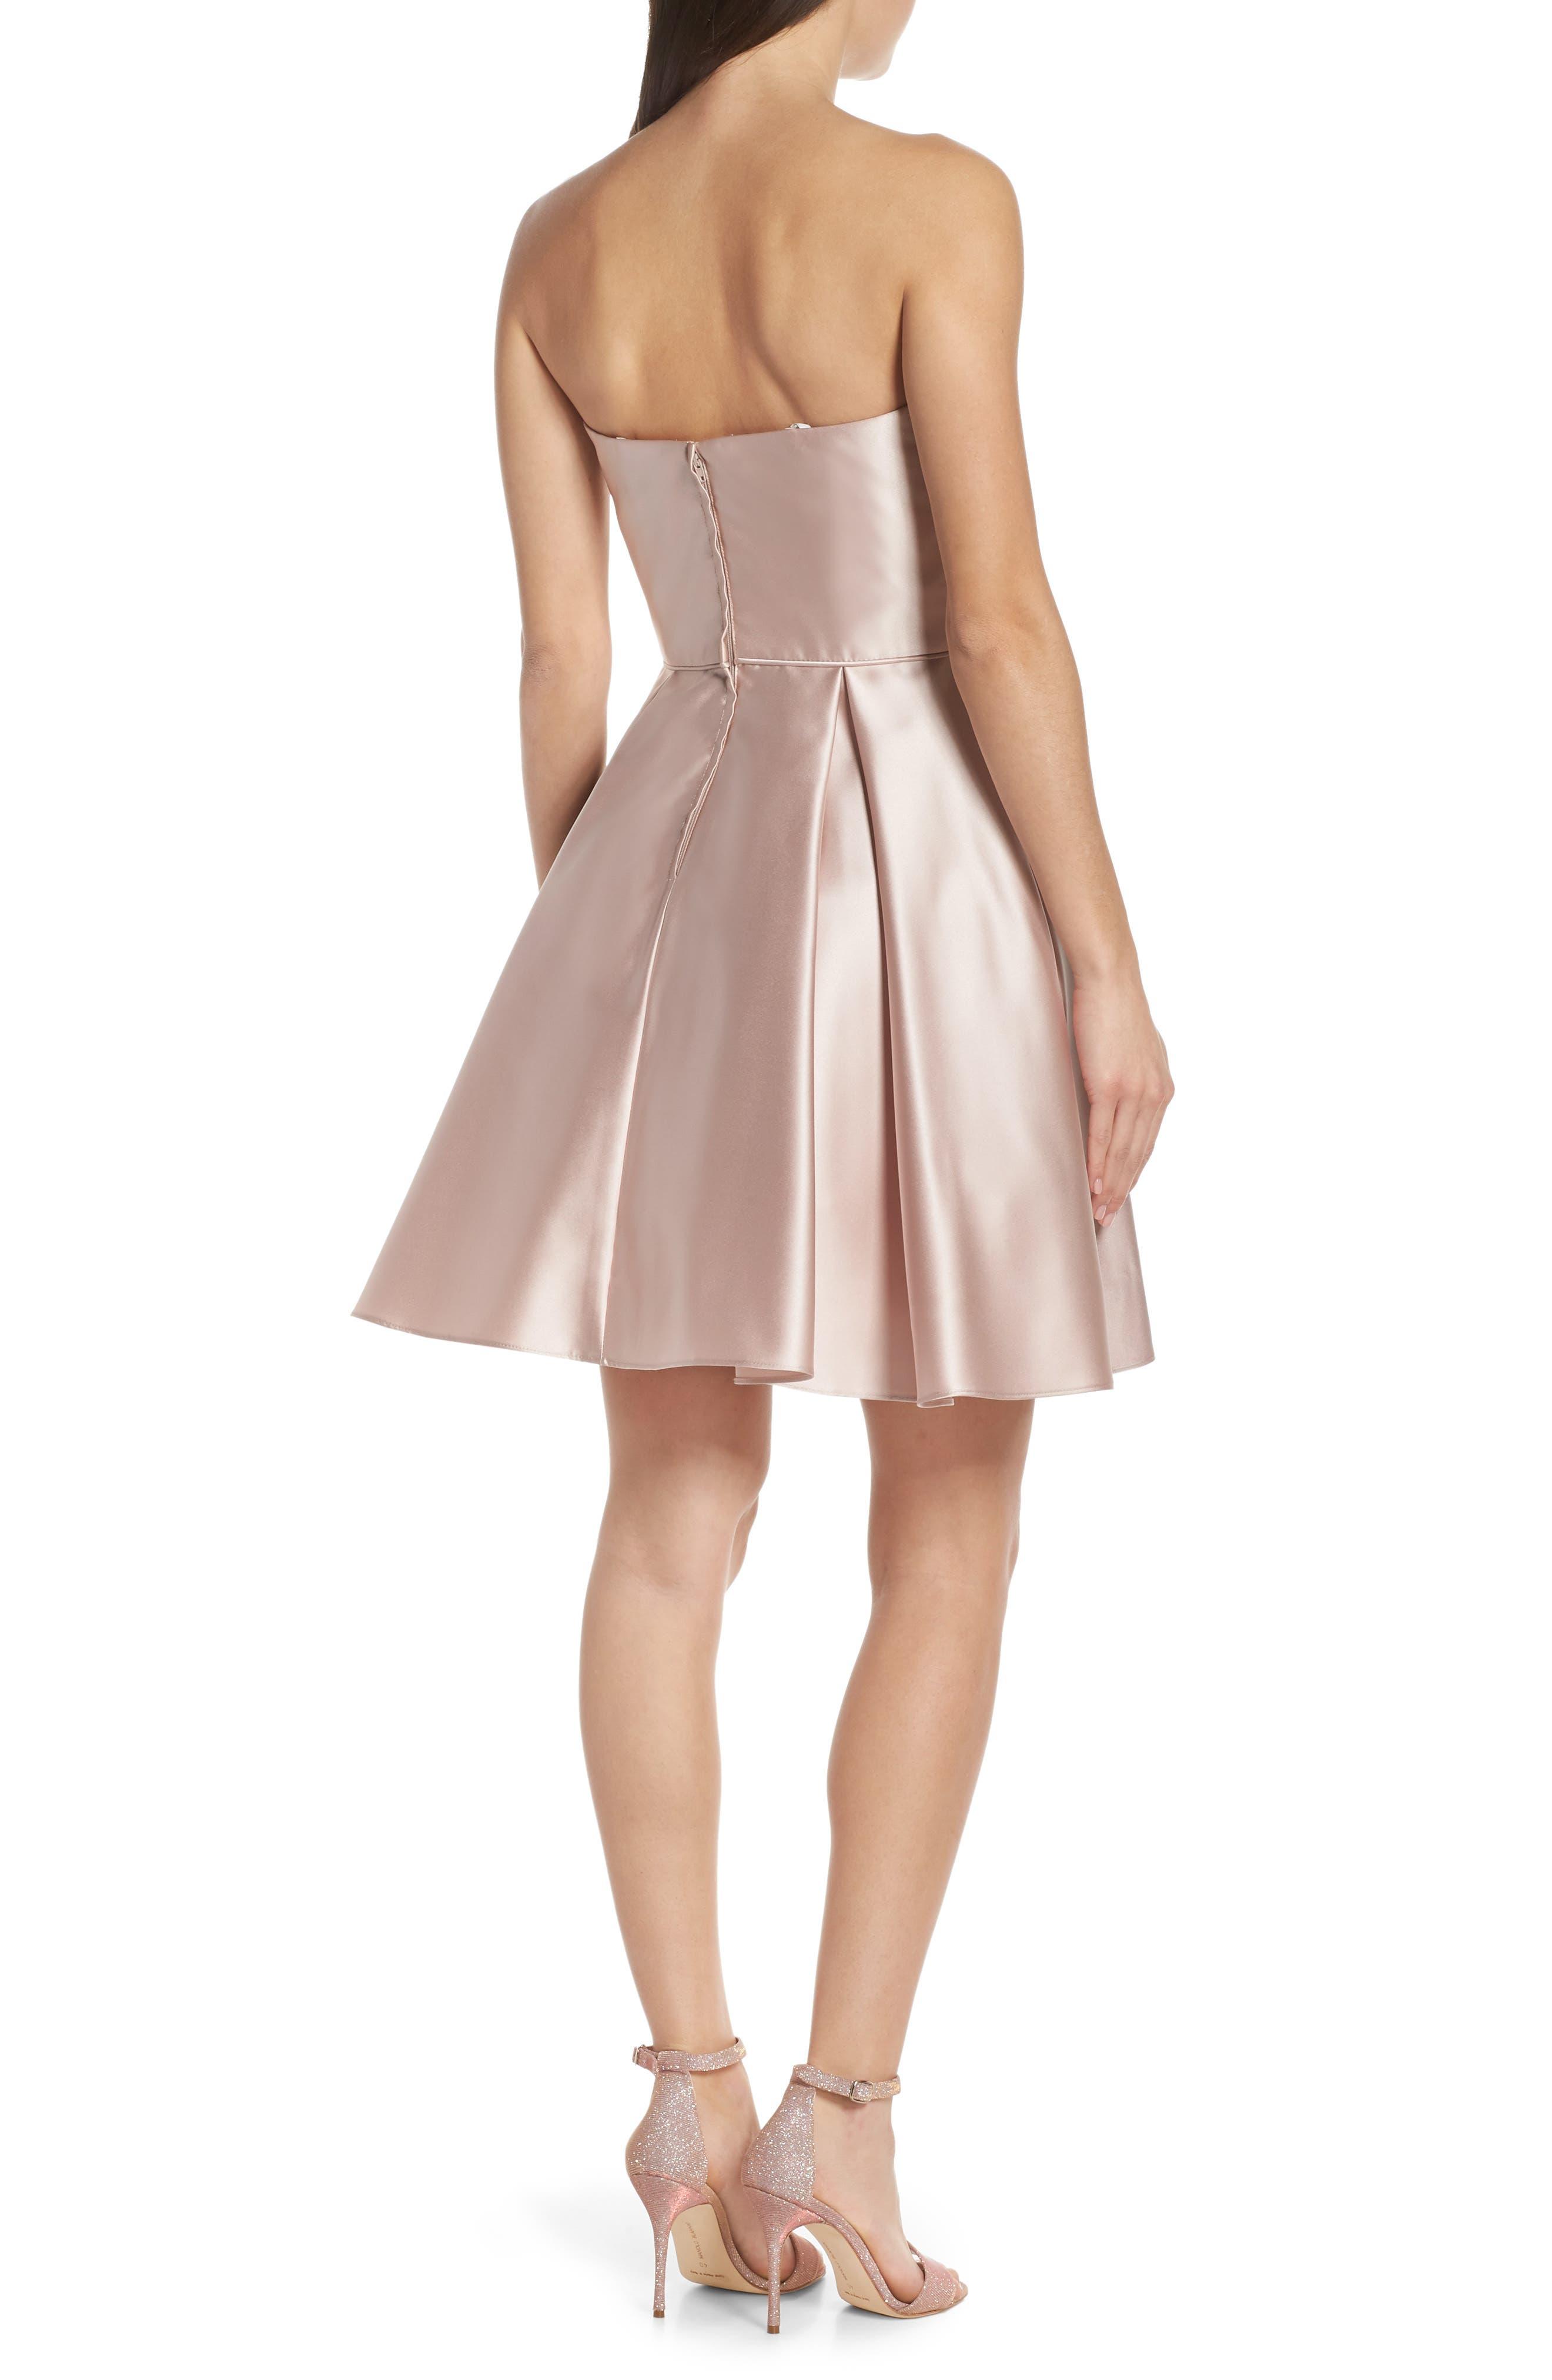 BLONDIE NITES,                             Embellished Satin Fit & Flare Dress,                             Alternate thumbnail 2, color,                             BEIGE